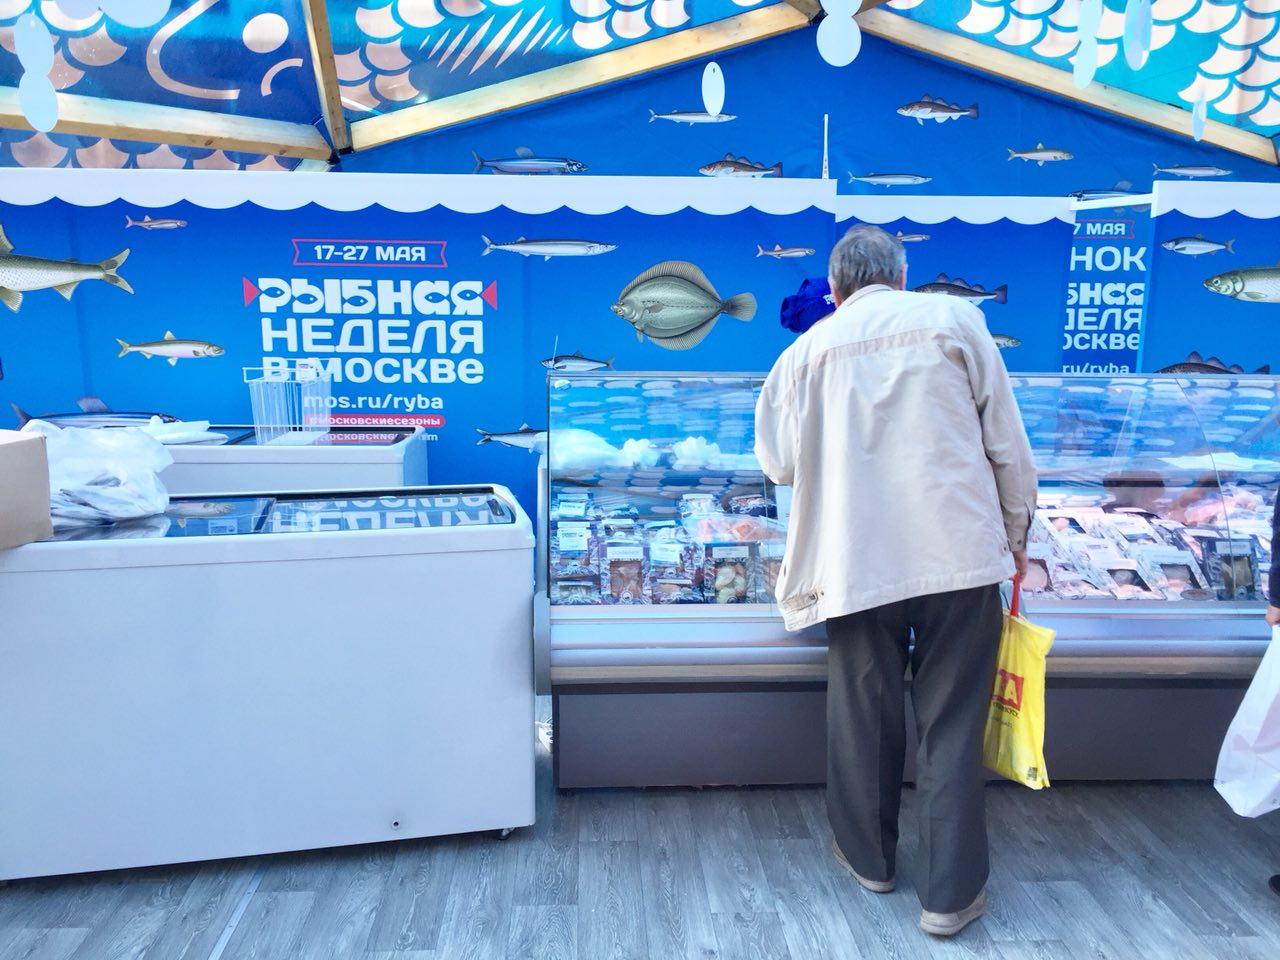 Сергей Собянин пригласил москвичей на рыбную неделю